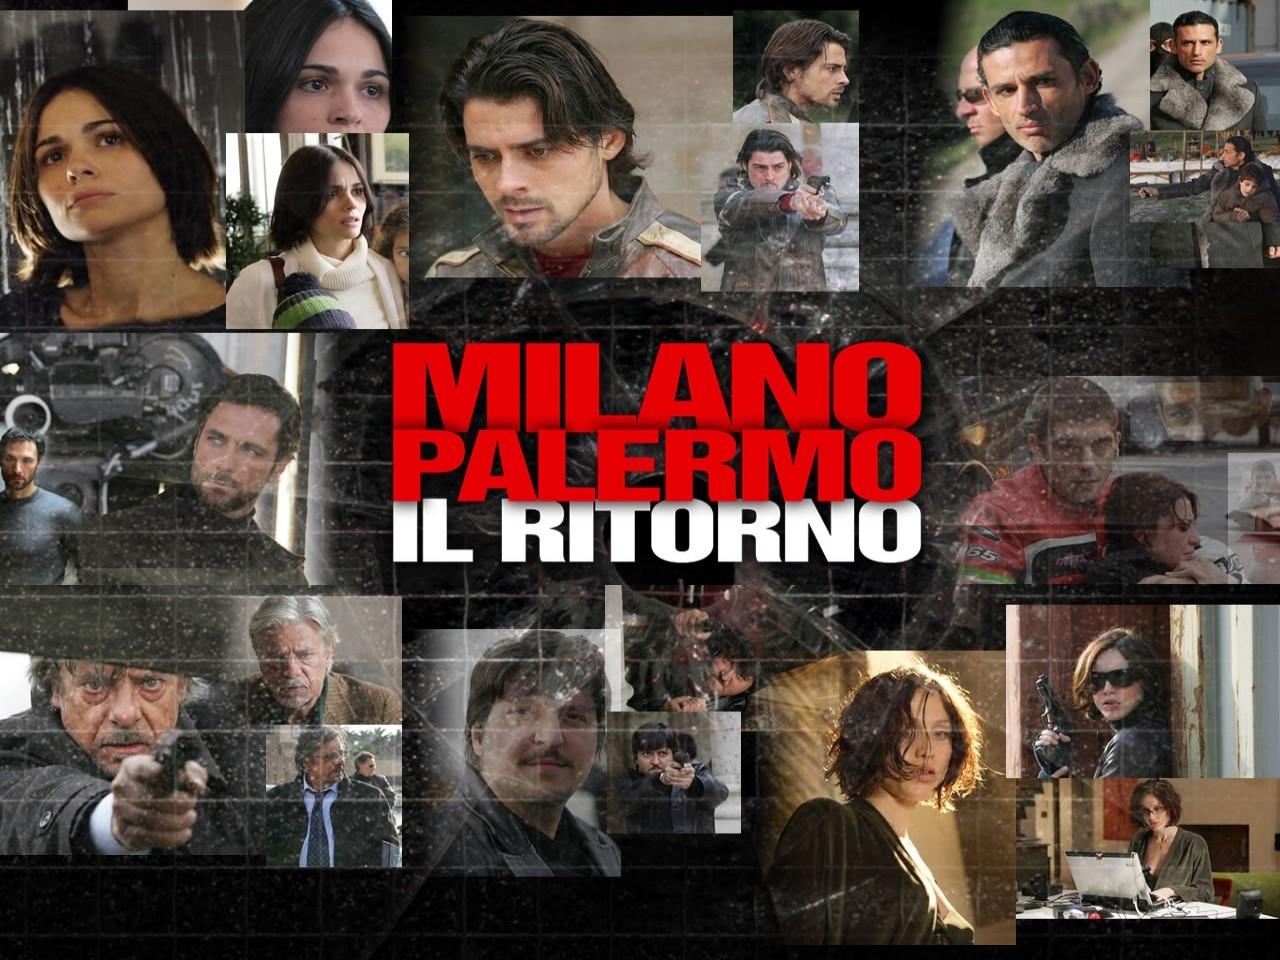 Wallpaper del film Milano-Palermo: il ritorno